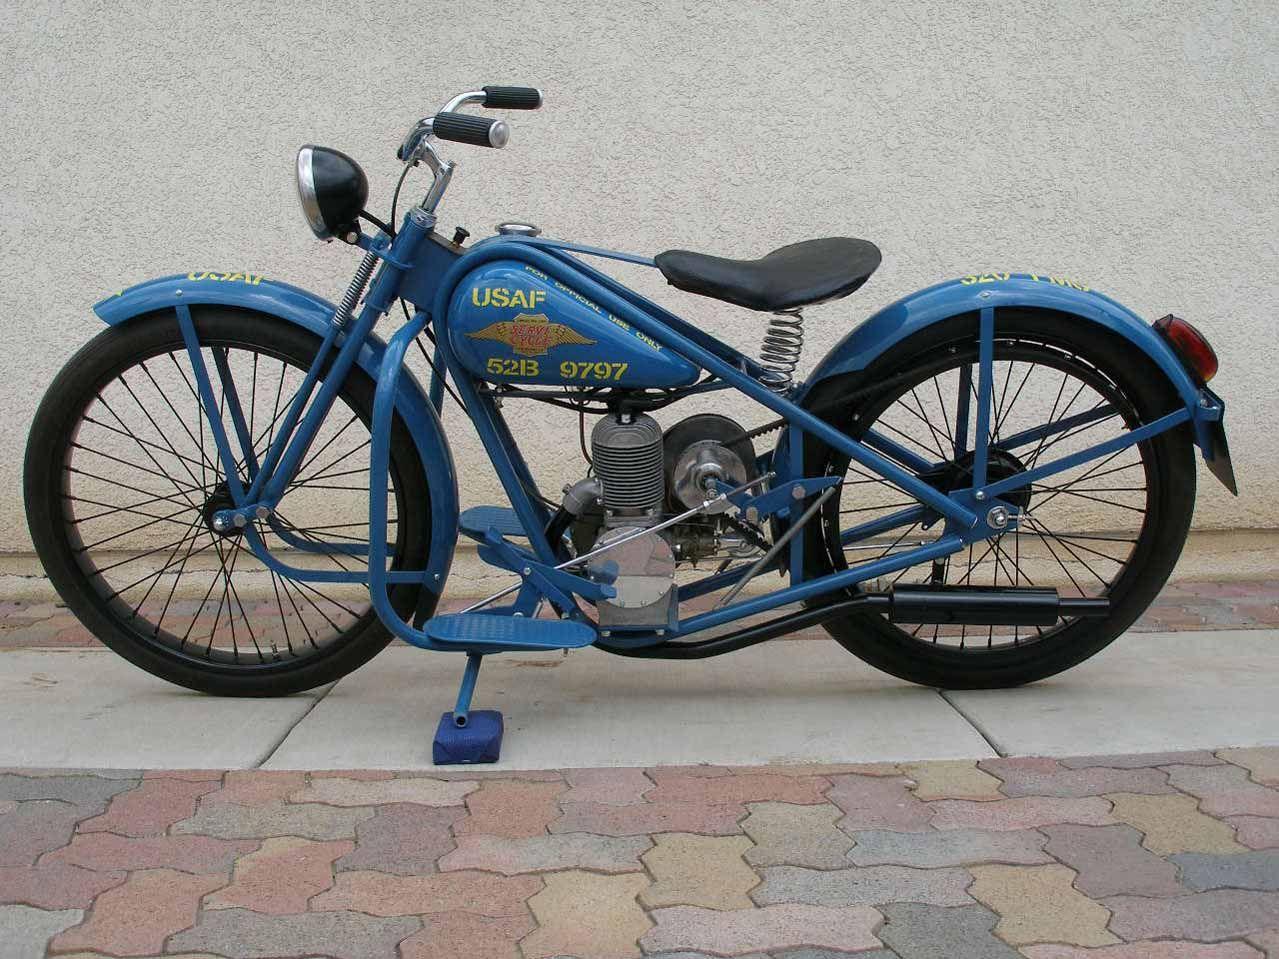 Simplex Servi Cycle Motorcycle Vintage Bikes Vintage Motorcycles